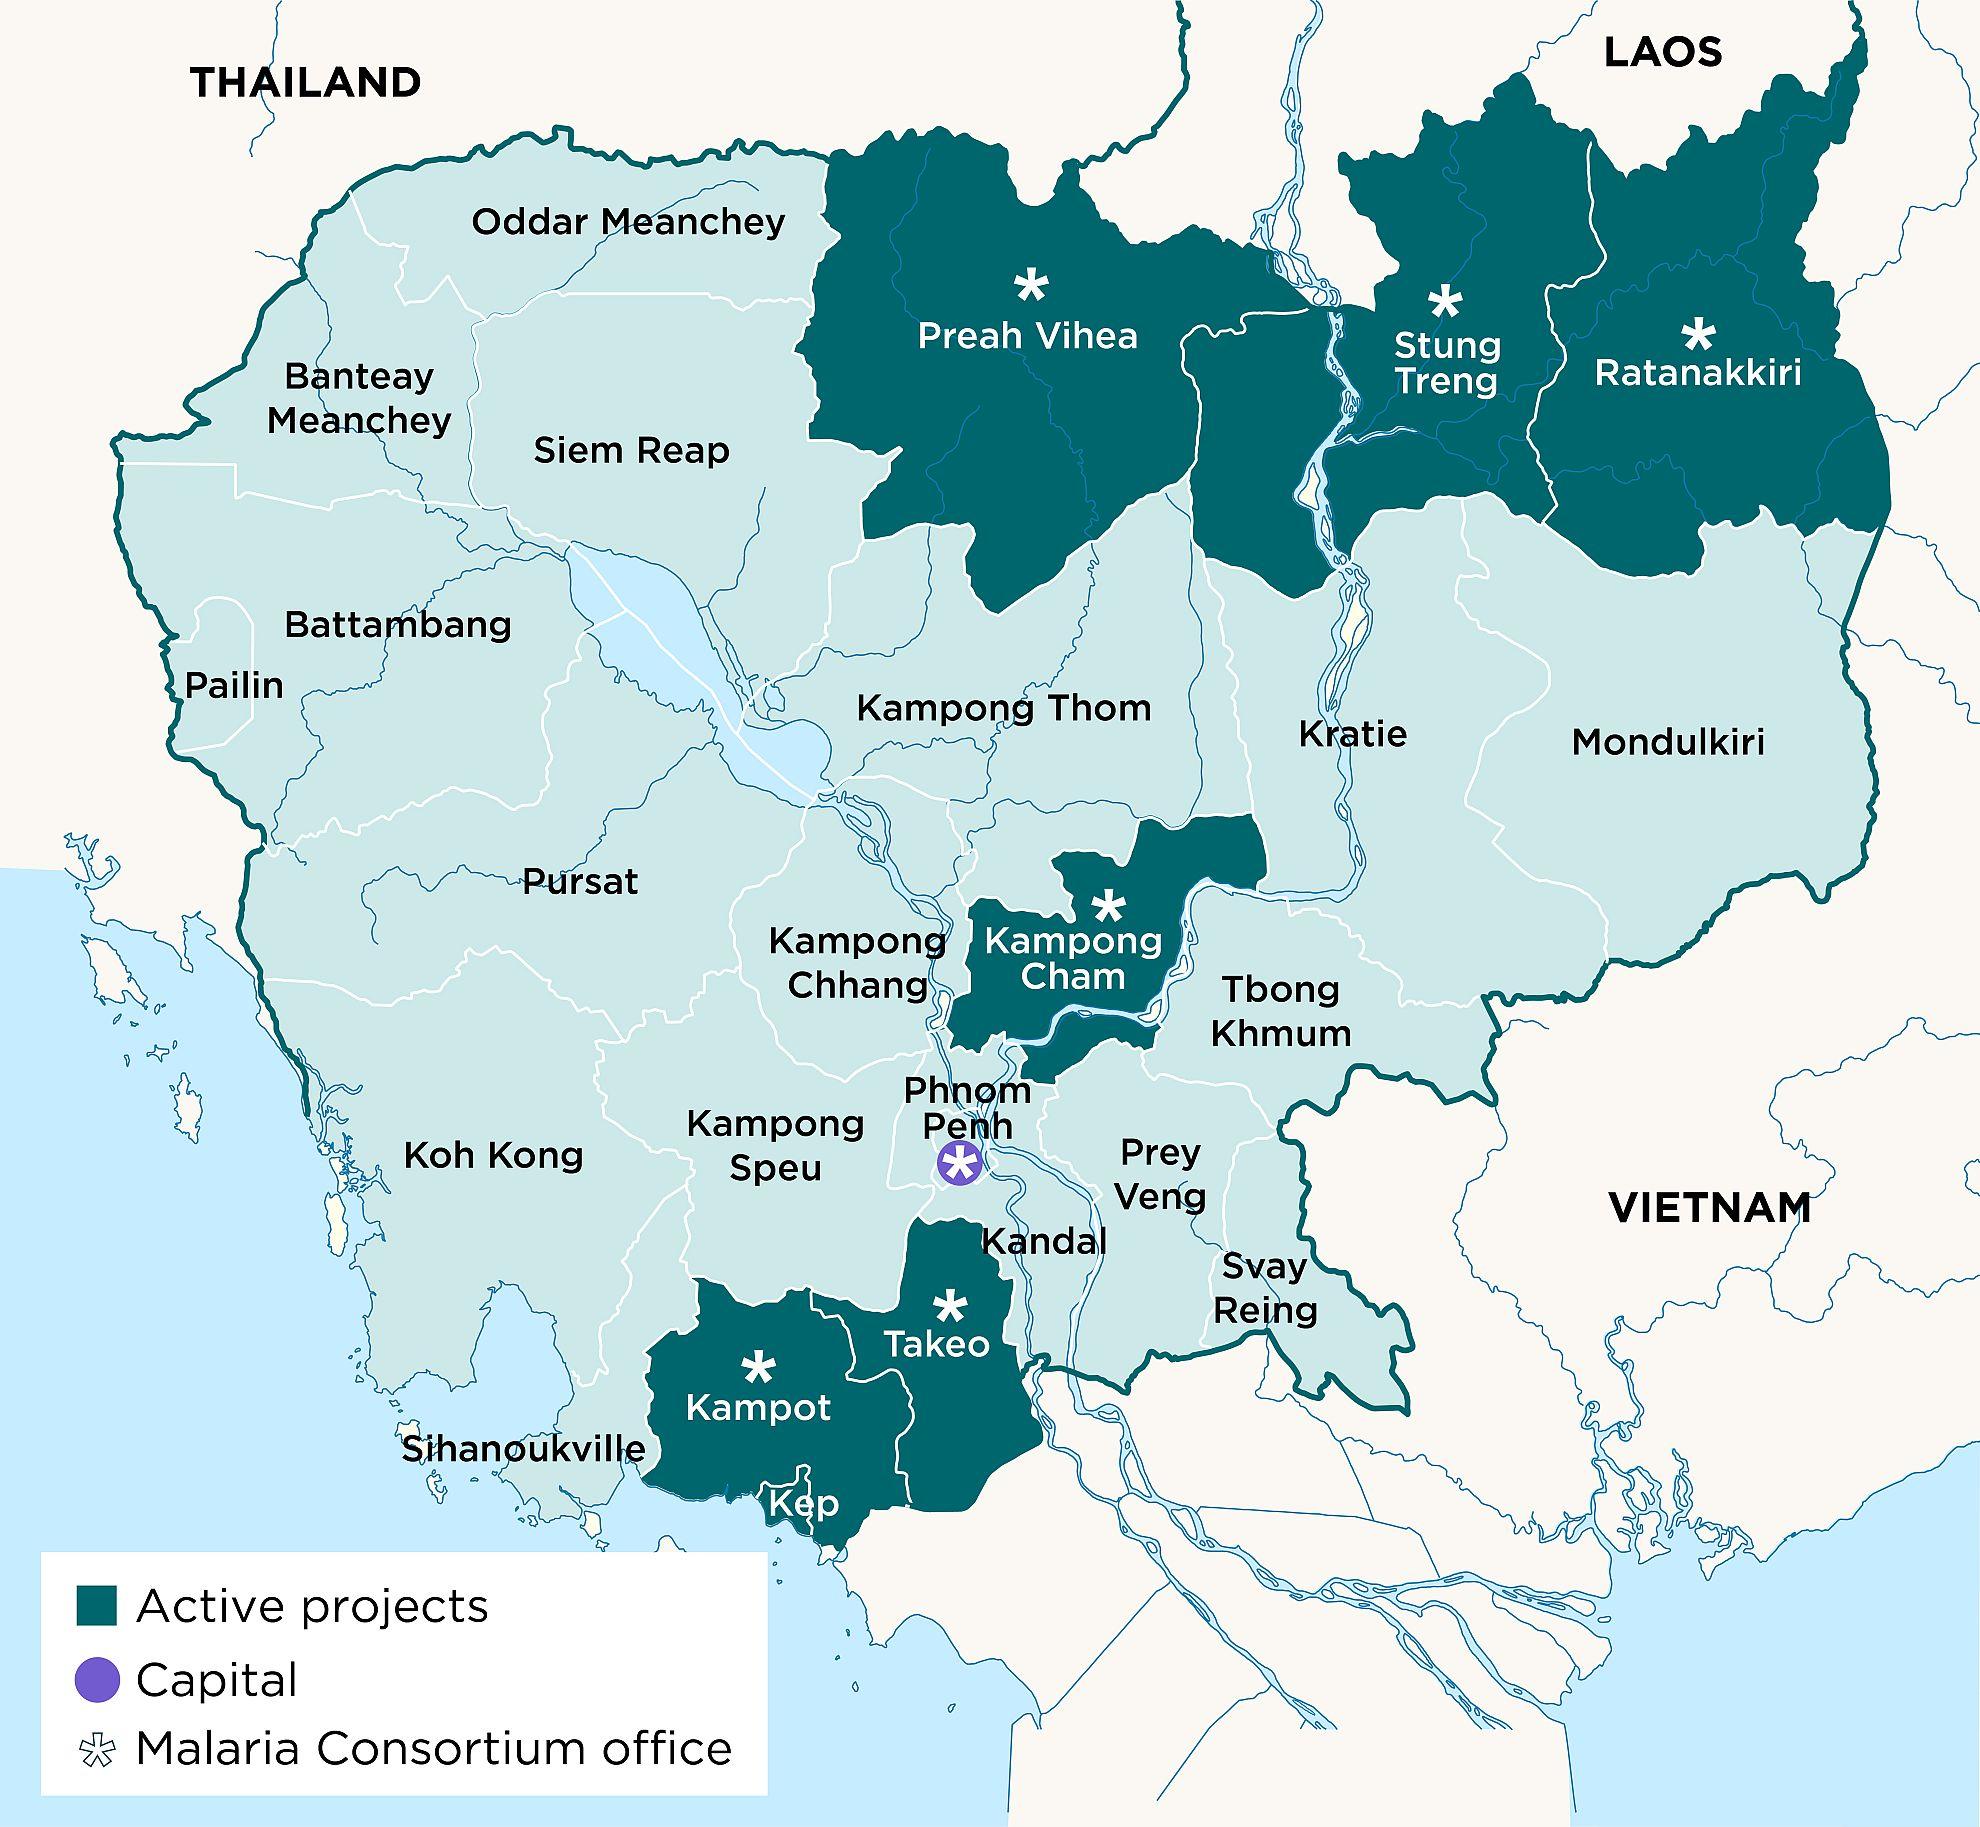 Cambodia: Our Work In Cambodia